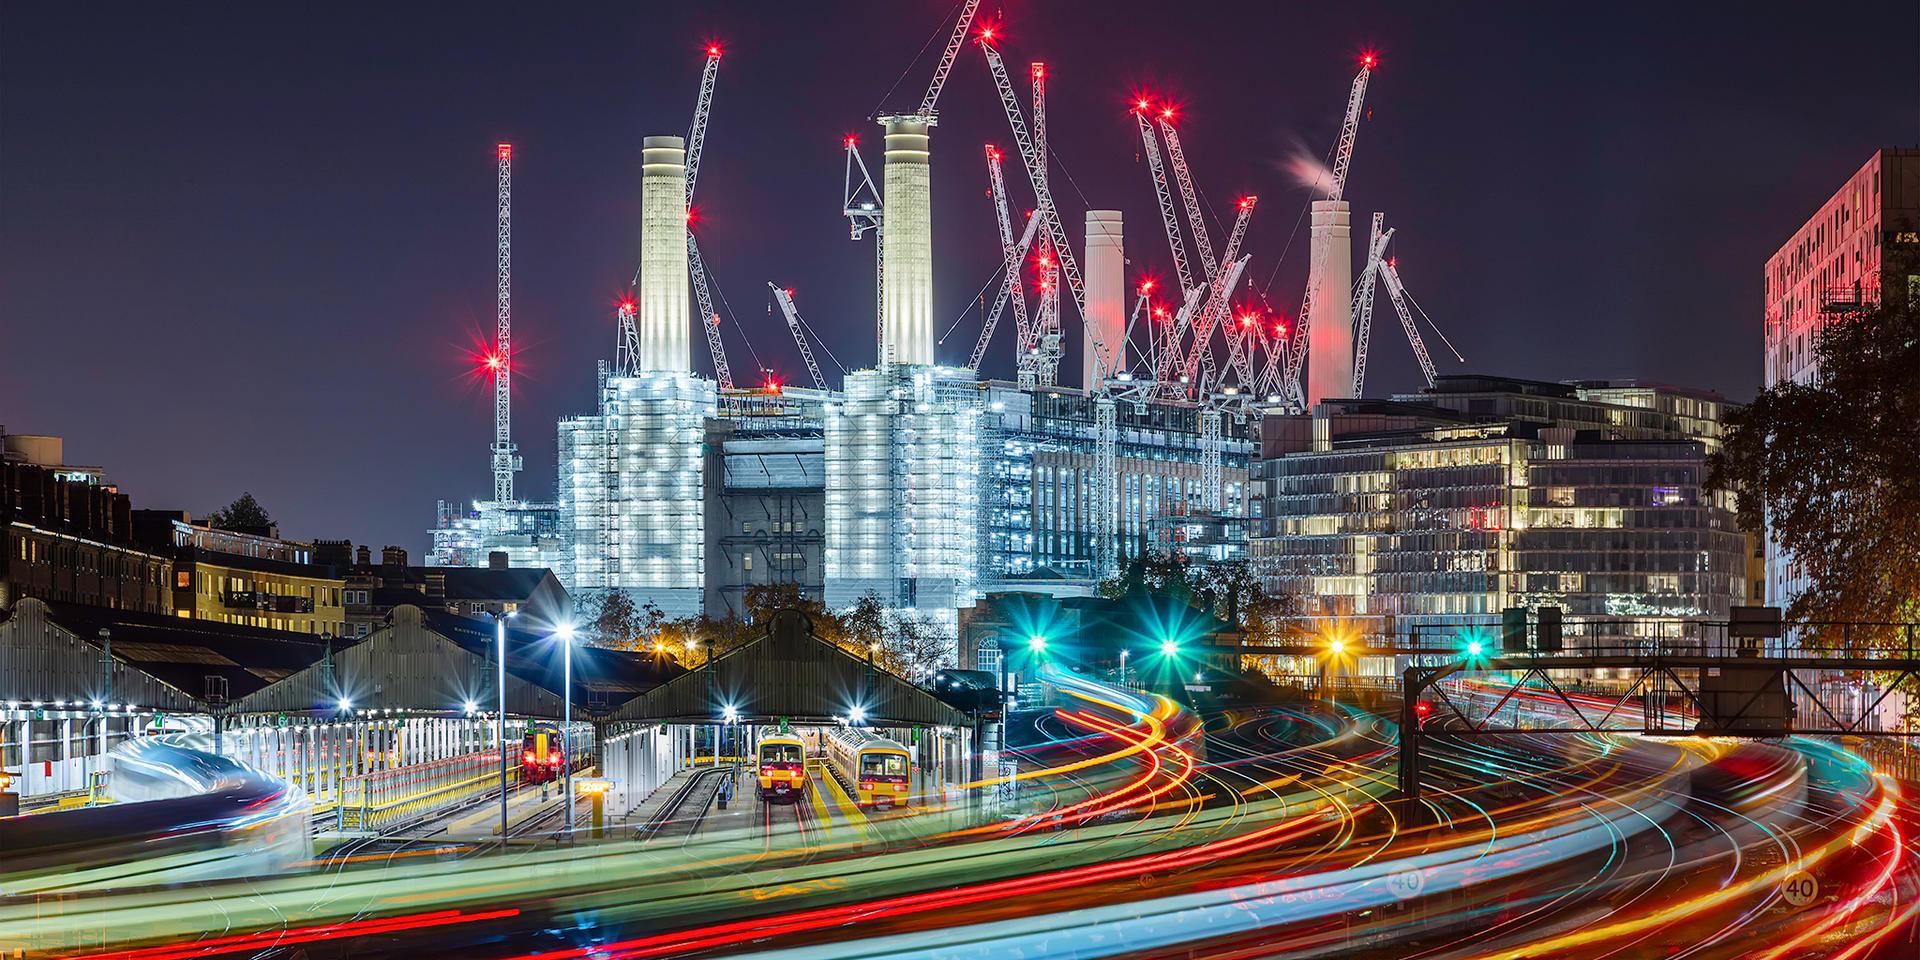 02 Battersea Power Station